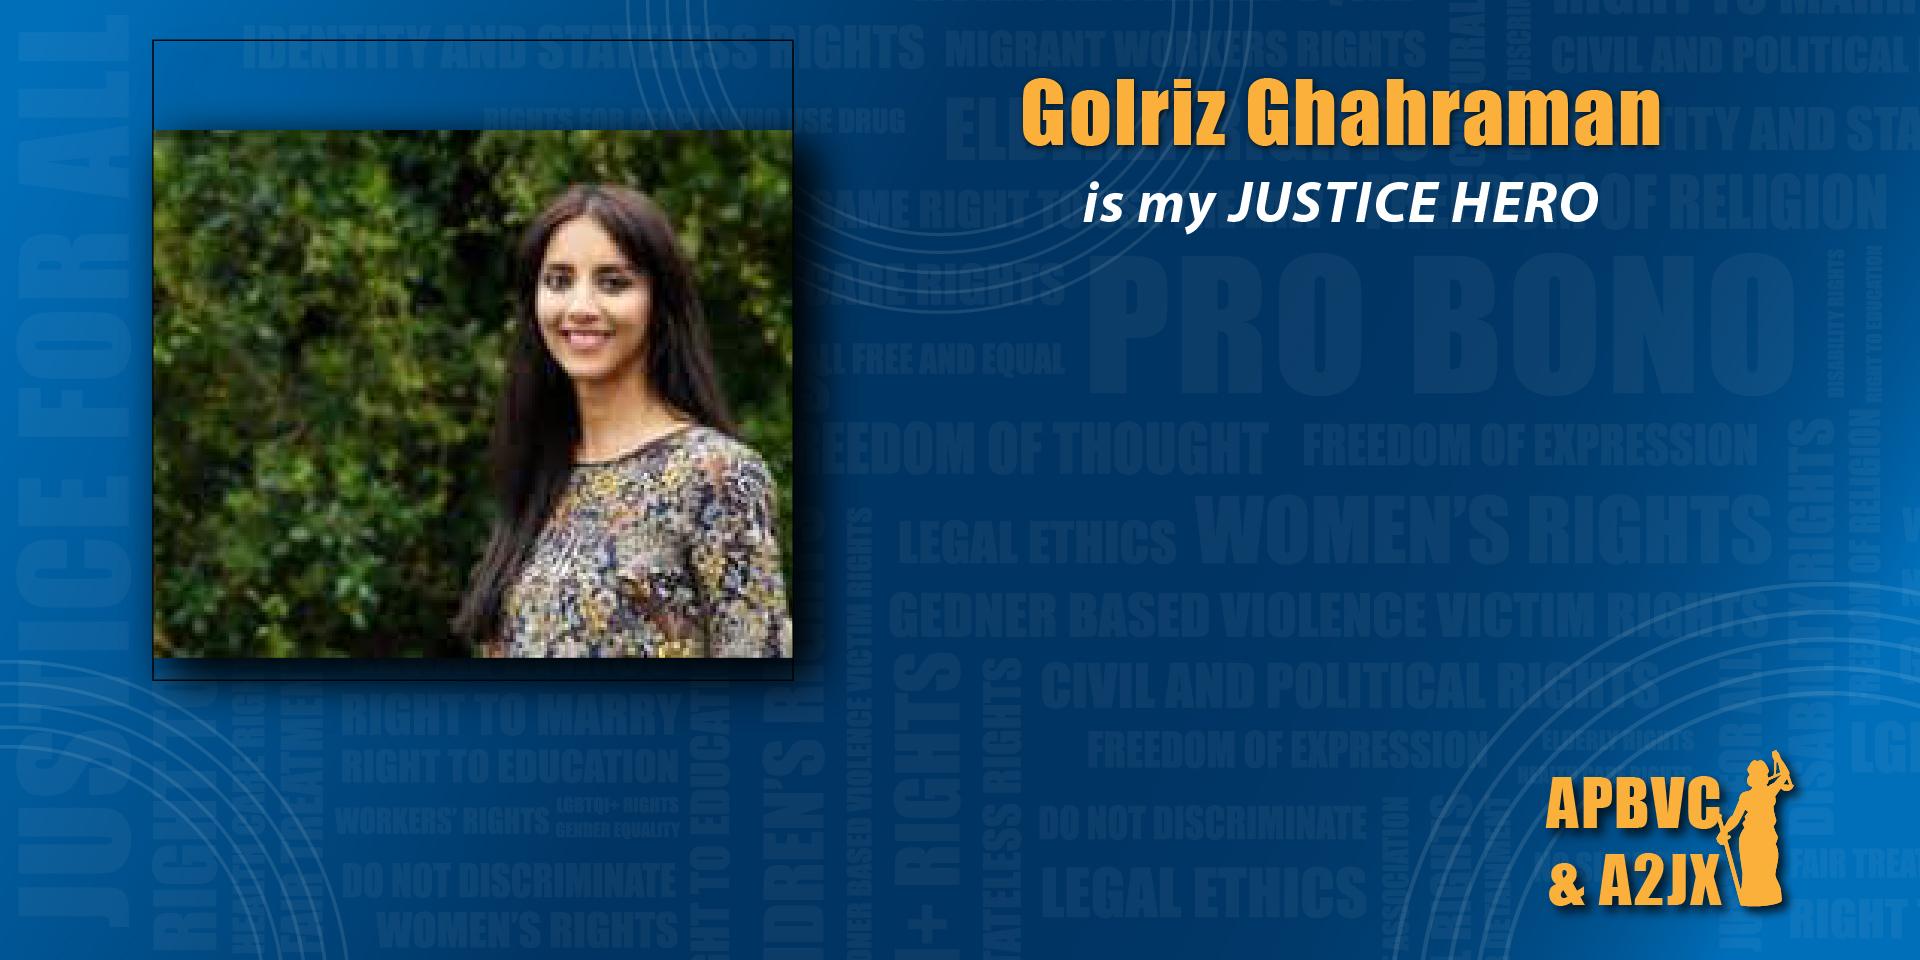 Golriz Ghahraman